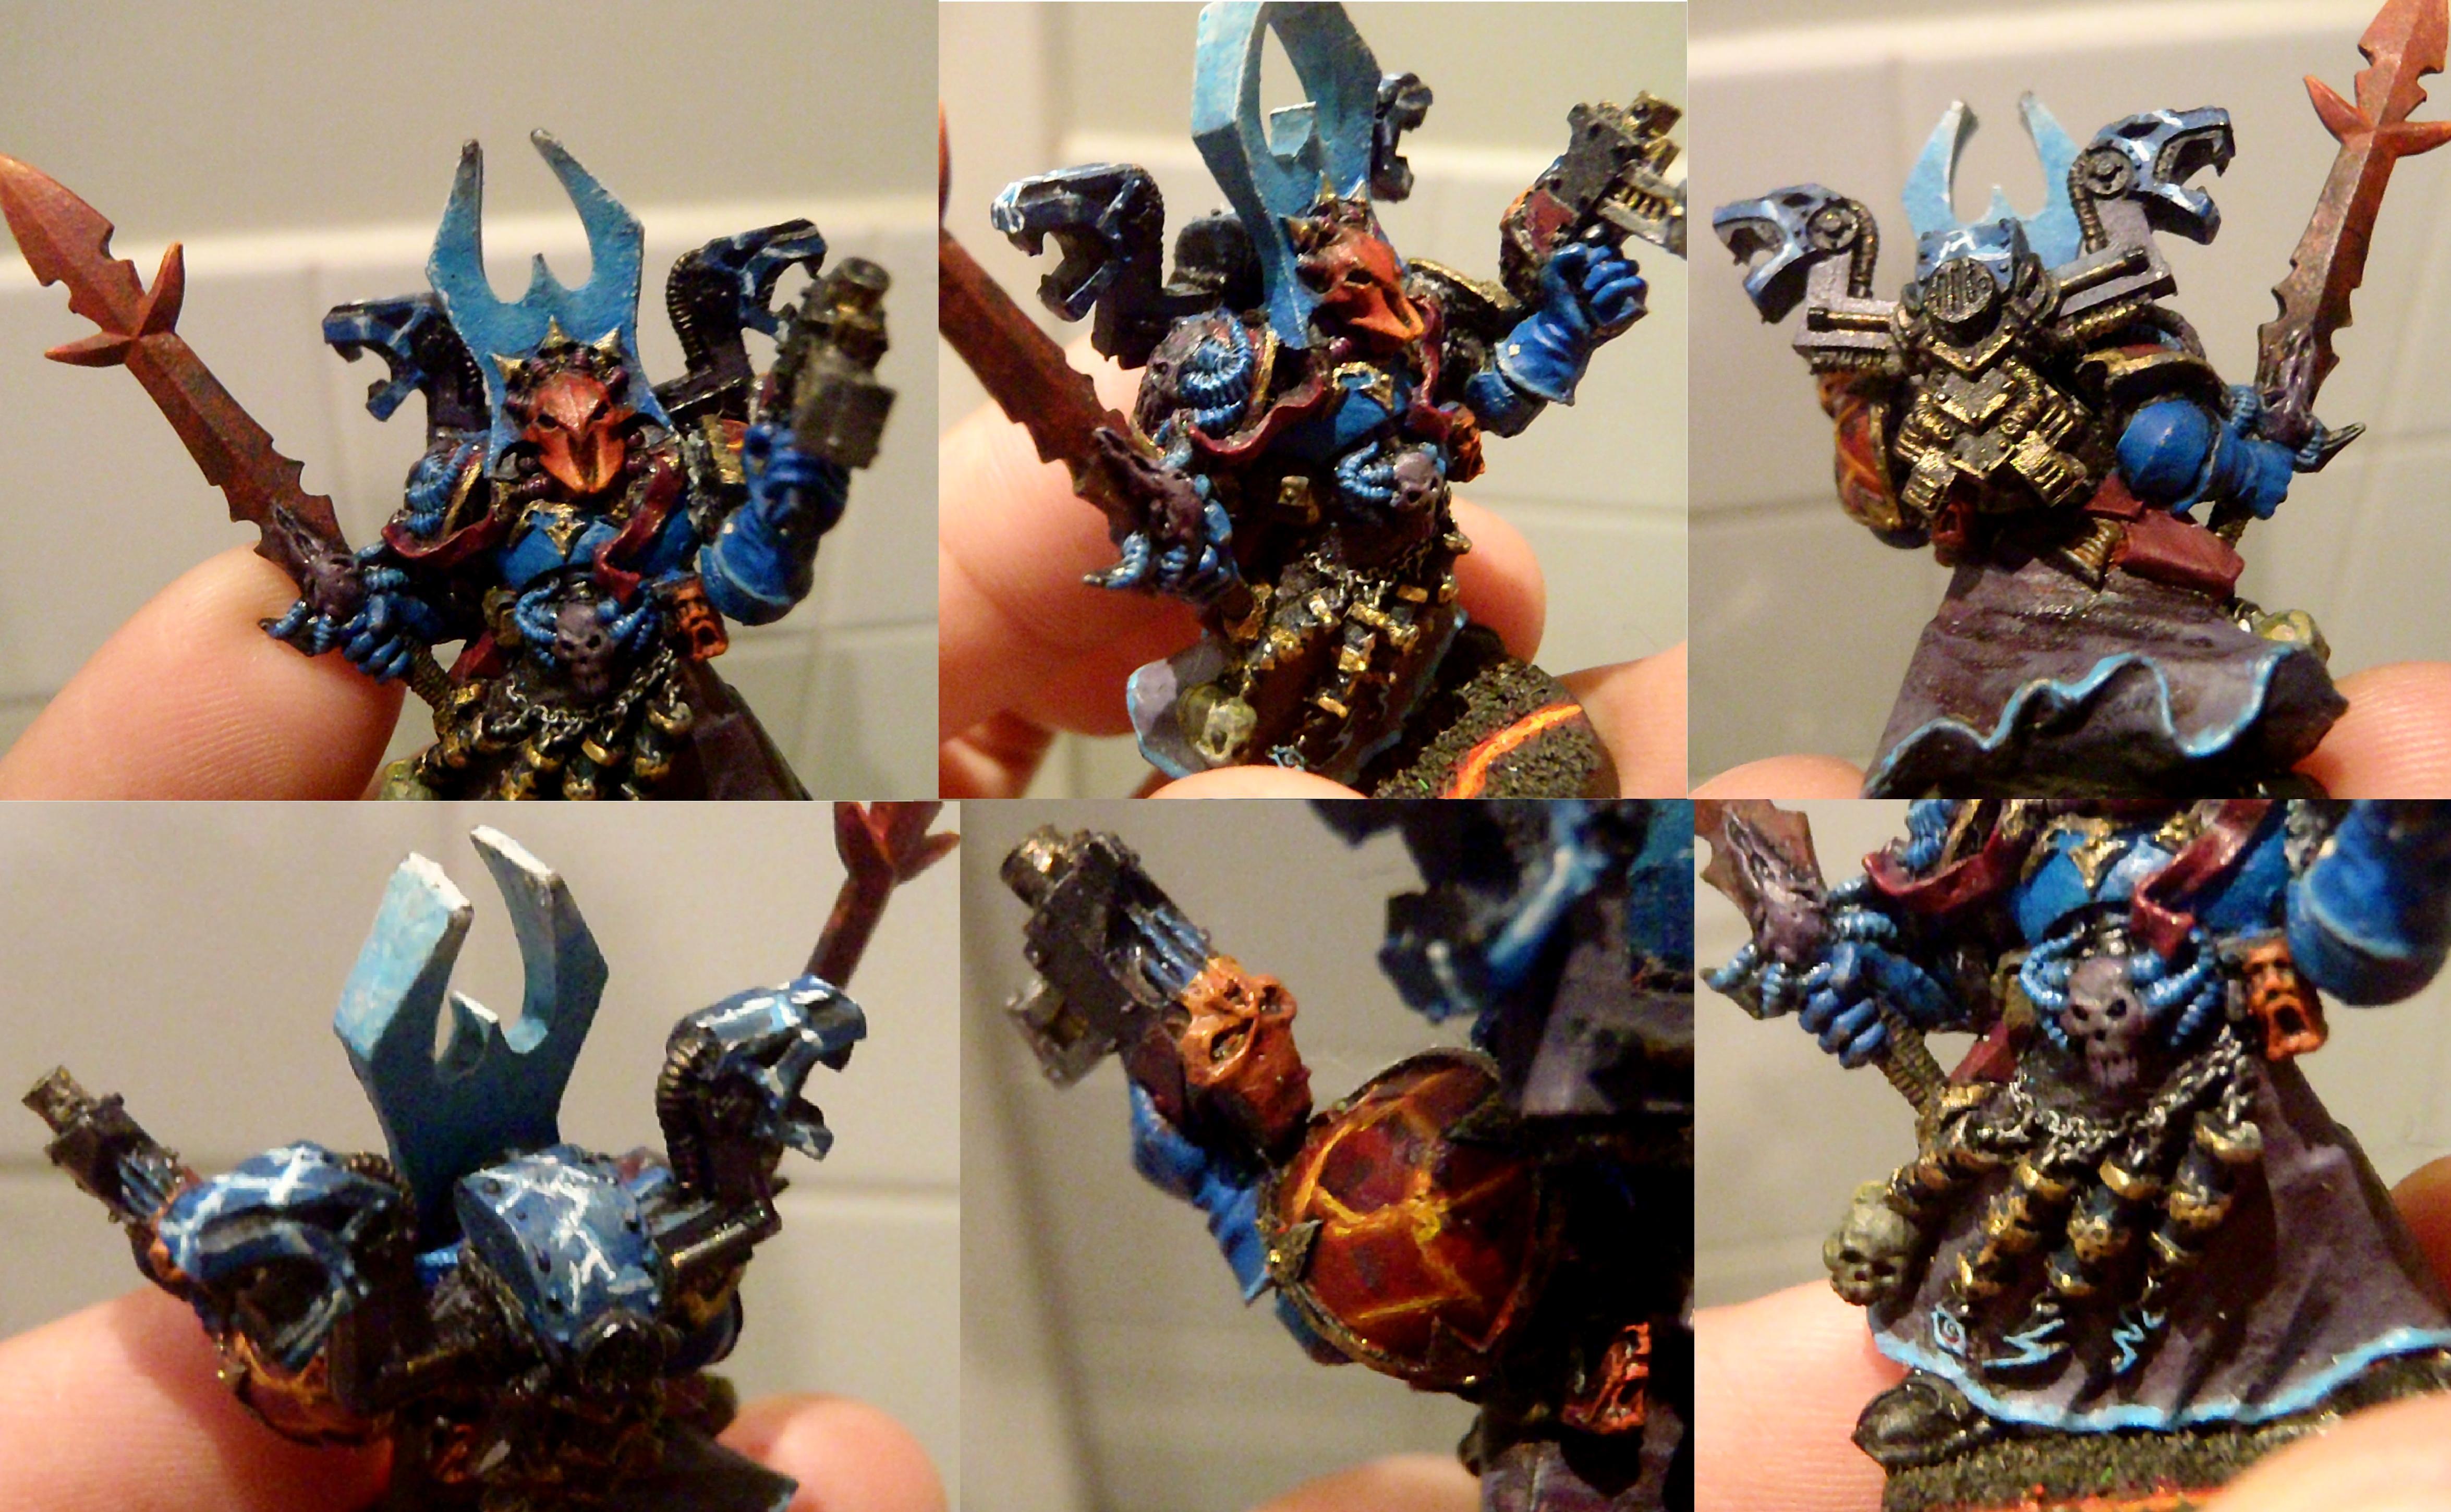 Black Legion, Chaos, Chaos Space Marines, Chaos Spacemarines, Sorcerer, Space Marines